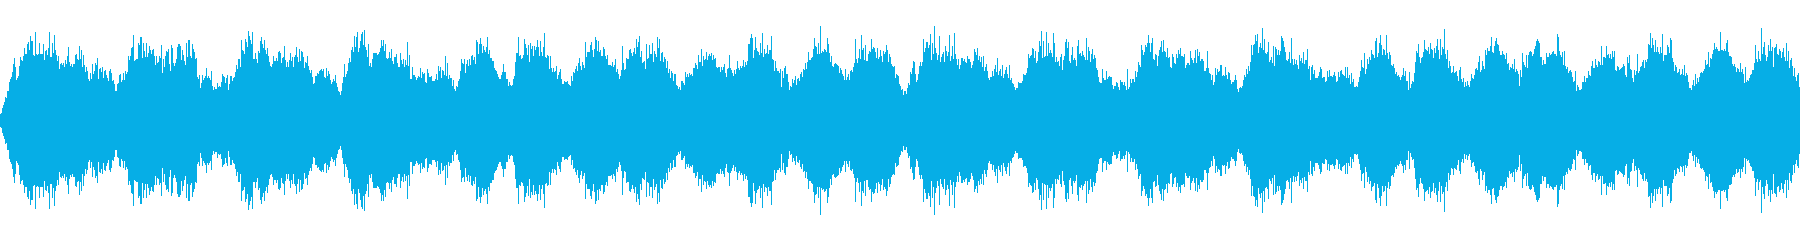 【ドラム抜き】浮遊感のある宇宙っぽいエ…の再生済みの波形